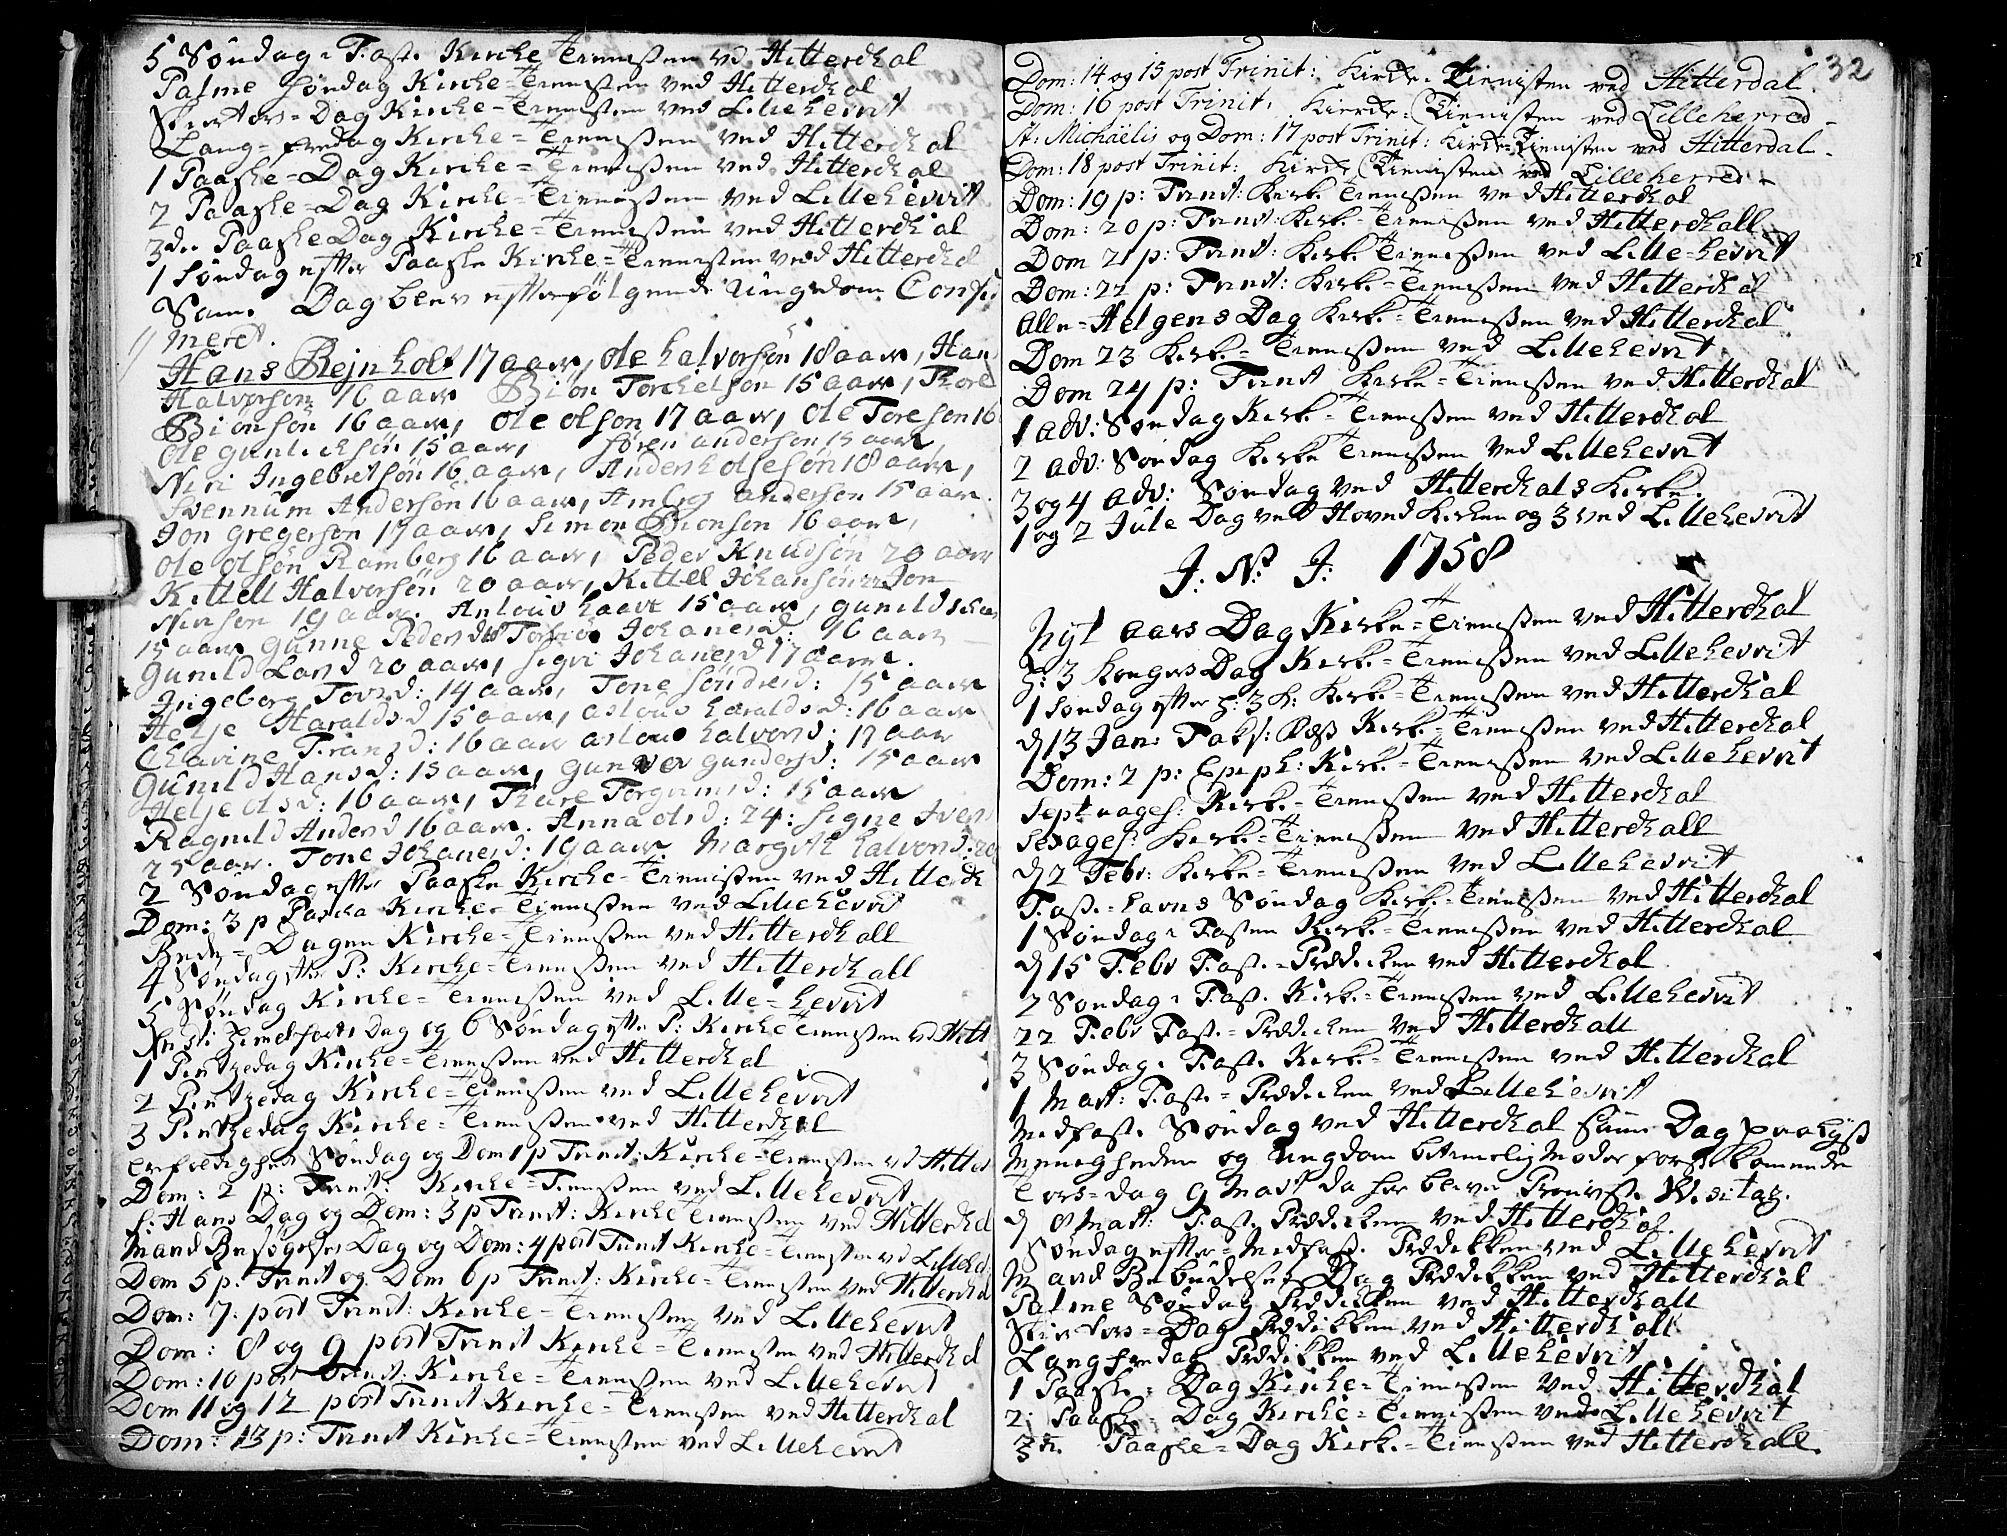 SAKO, Heddal kirkebøker, F/Fa/L0003: Ministerialbok nr. I 3, 1723-1783, s. 32